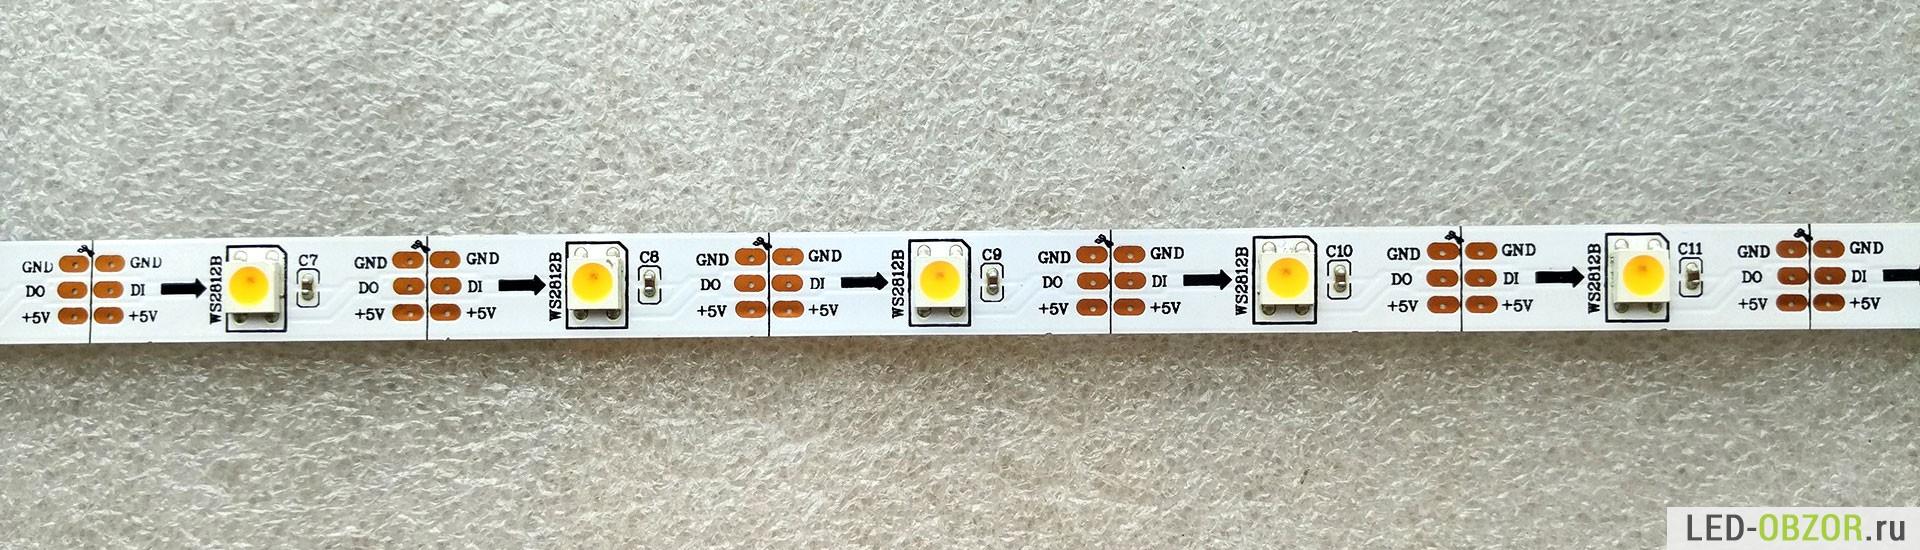 схема мигающей лампы 220в